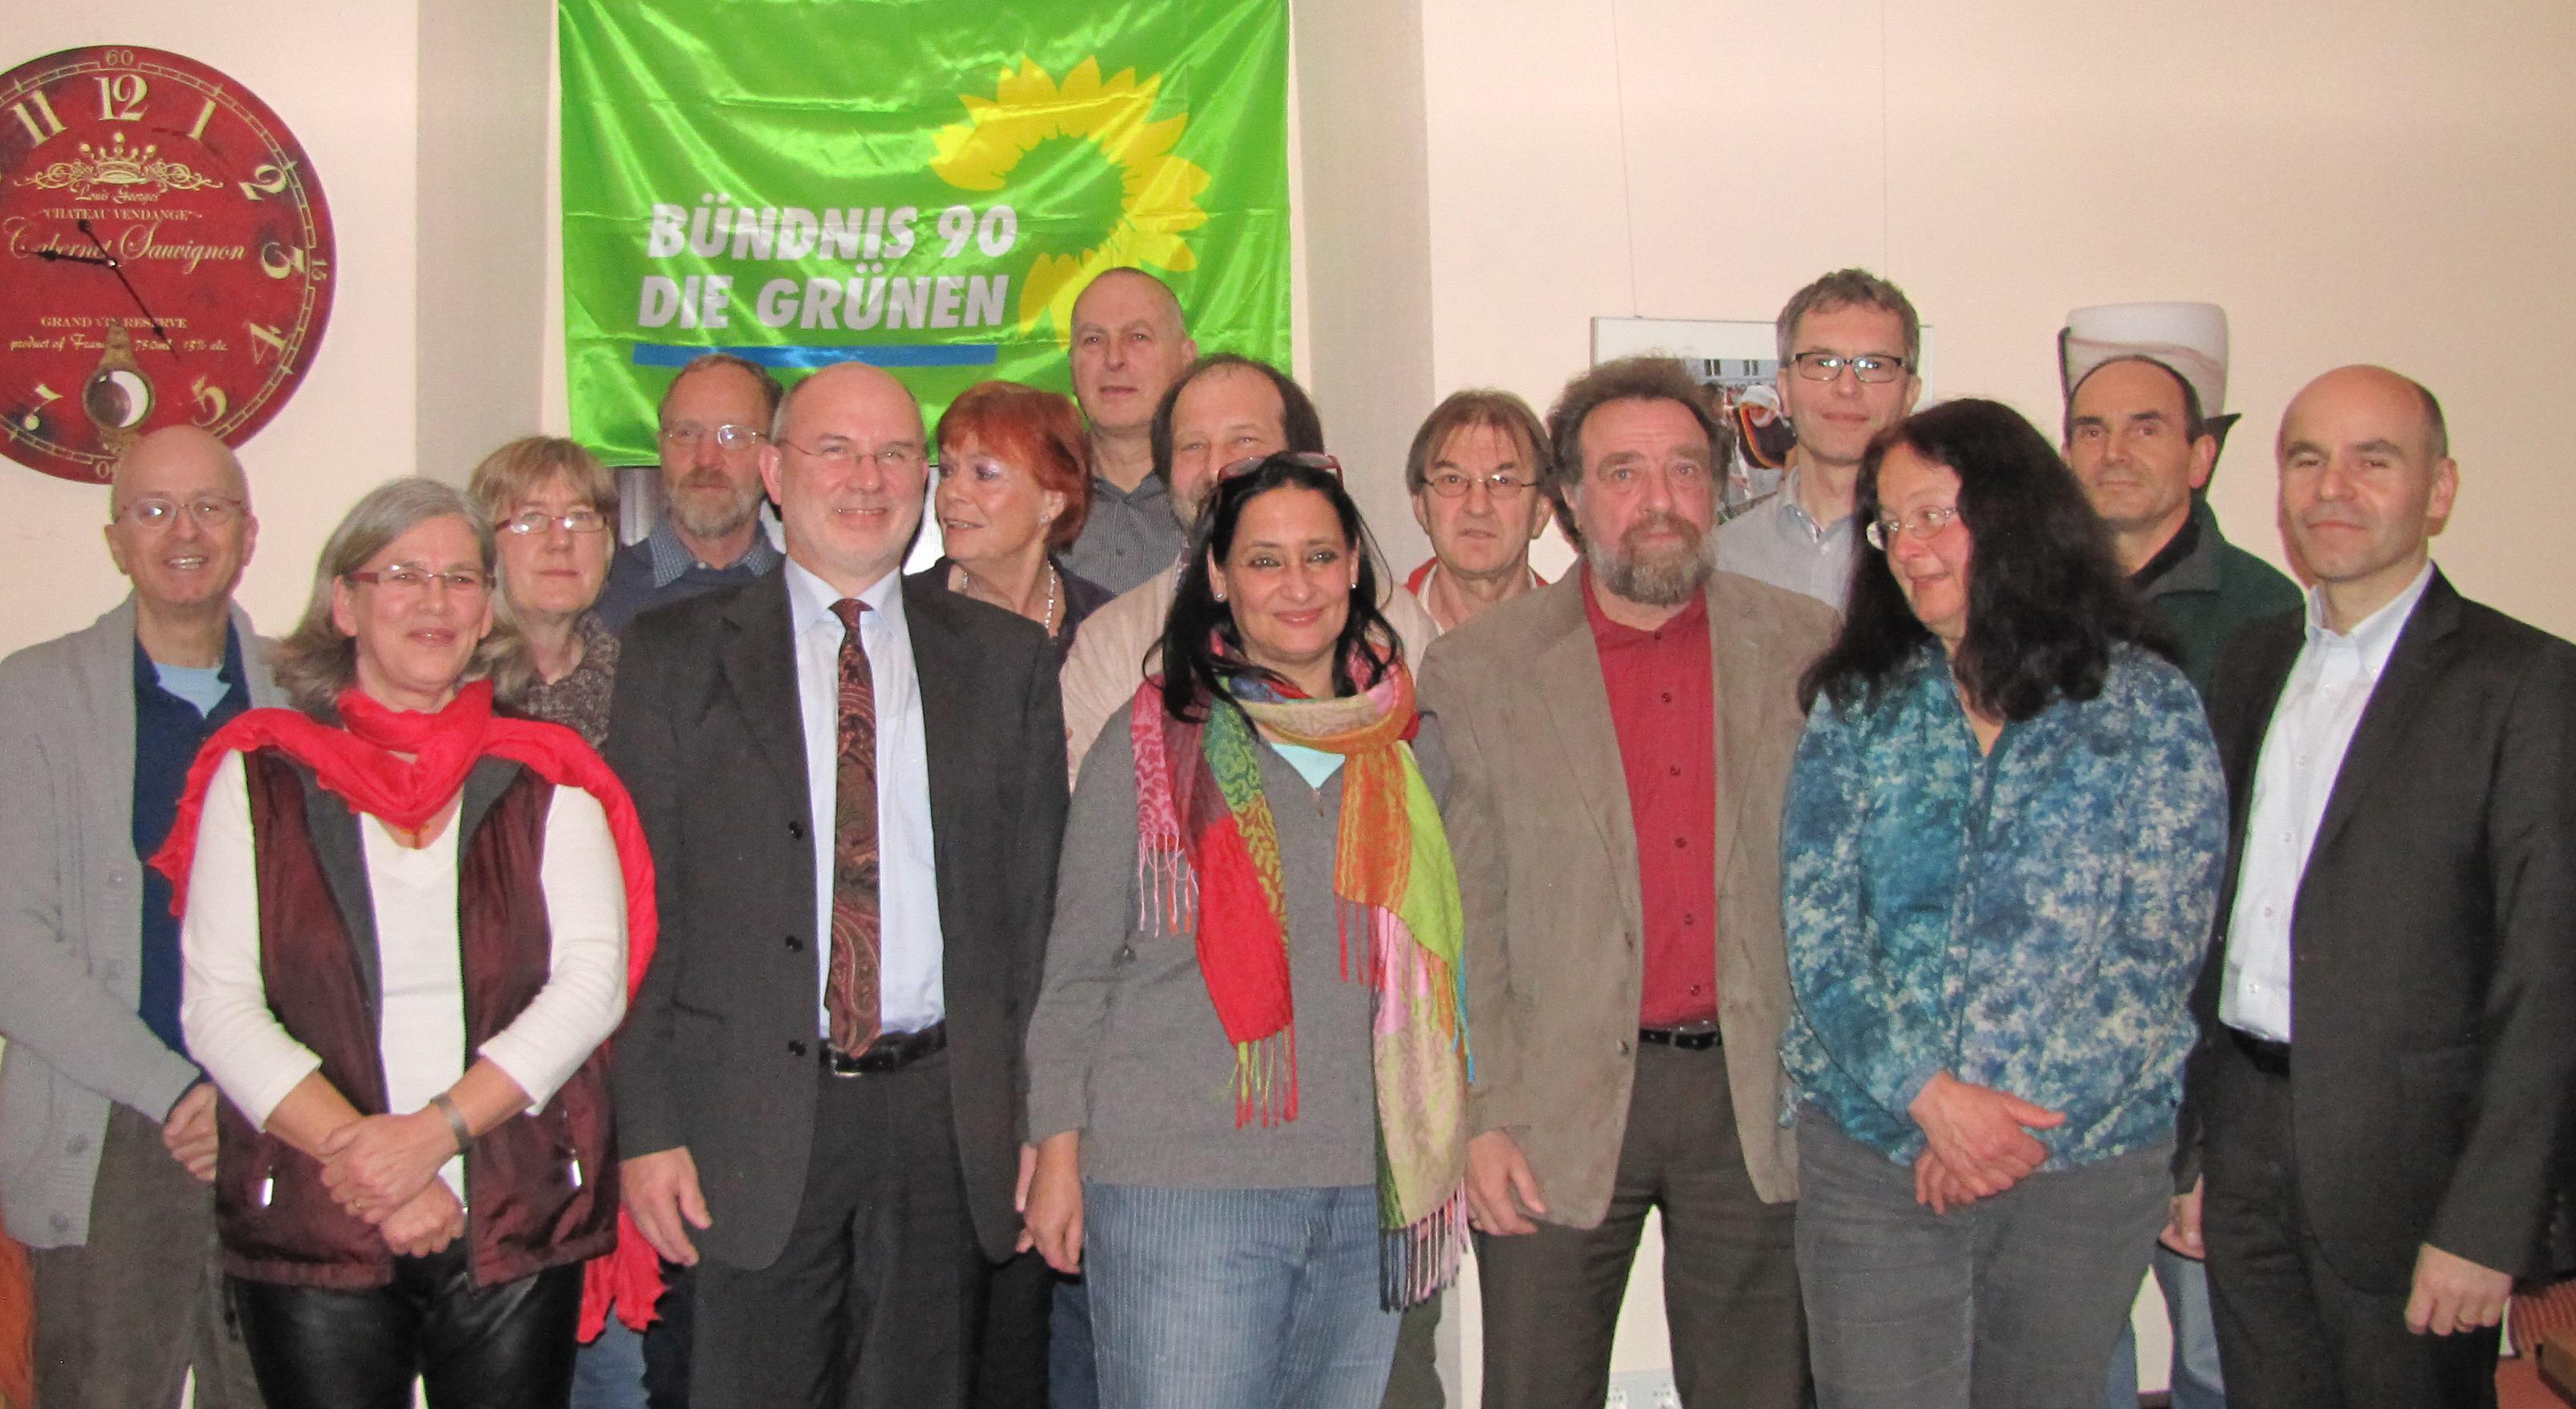 14 von 22 KandidatInnen für den Gemeinderat und von 6 Kandidaten für den Kreistag